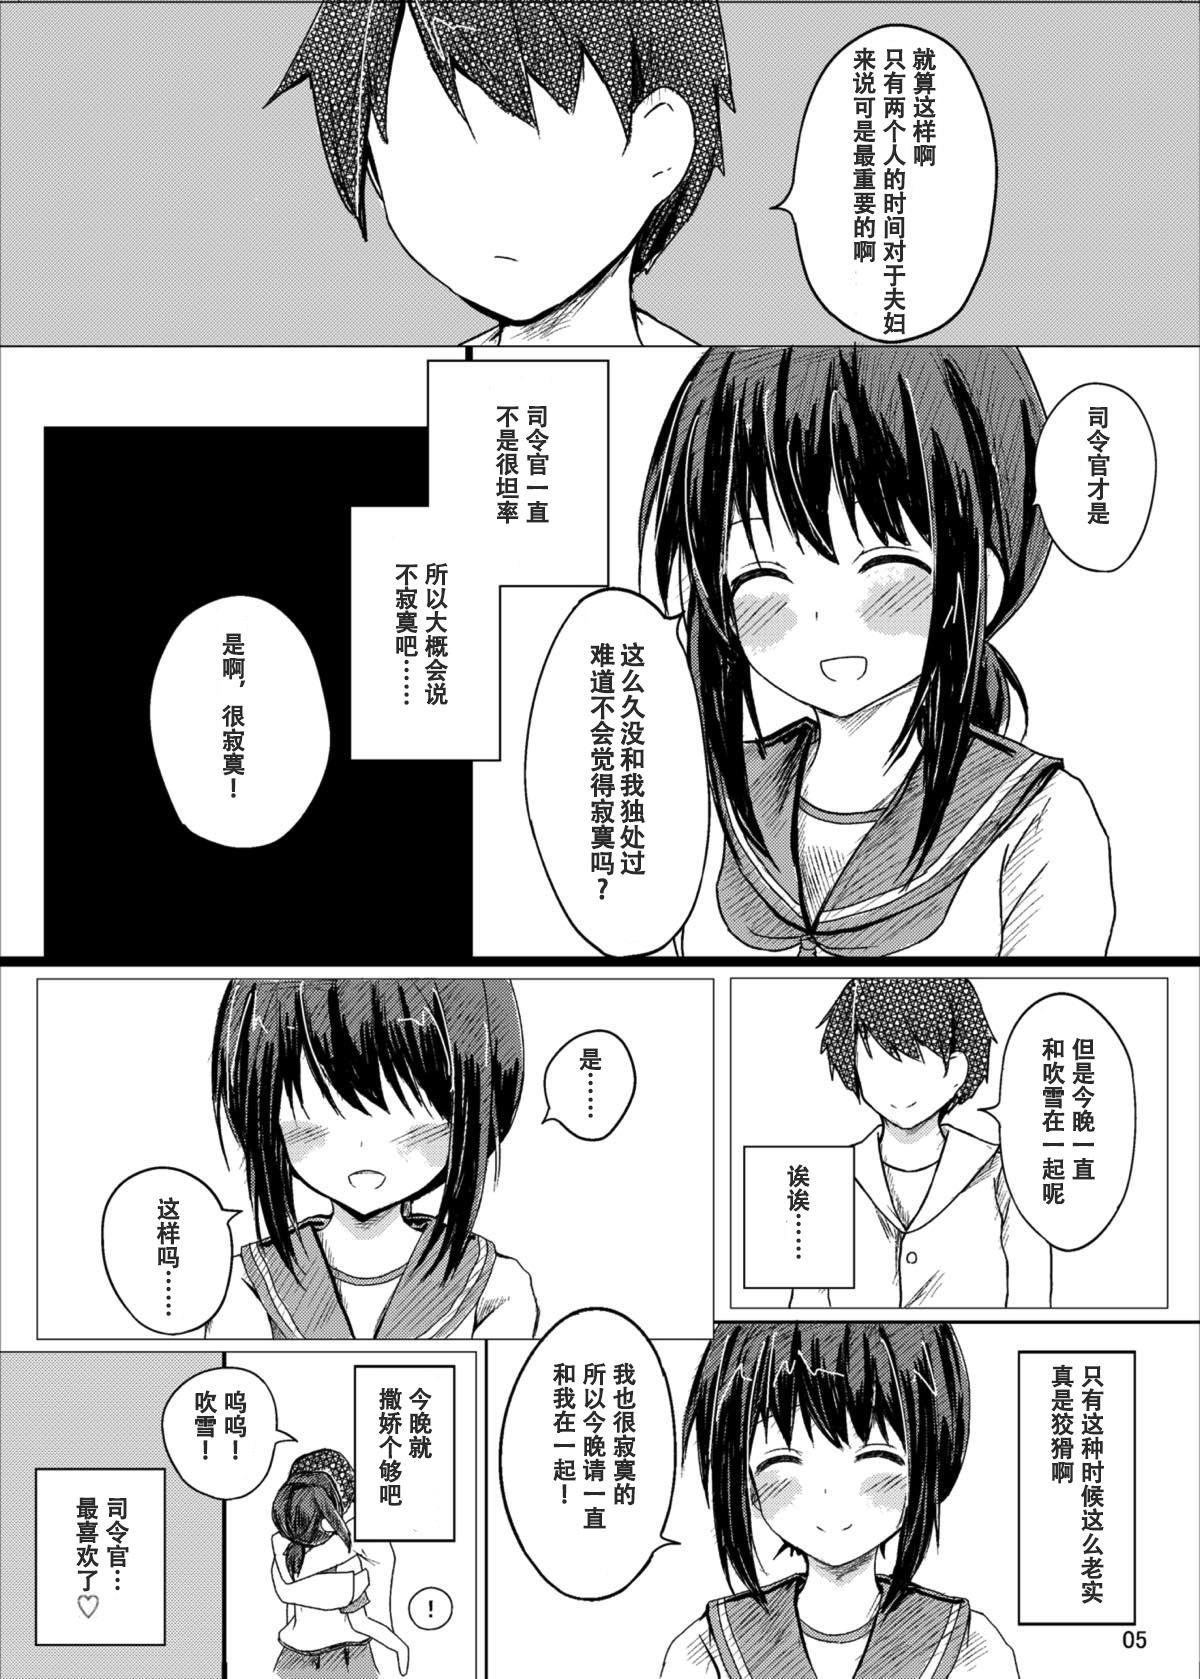 Futarikiri no Shizuka na Yoru 3